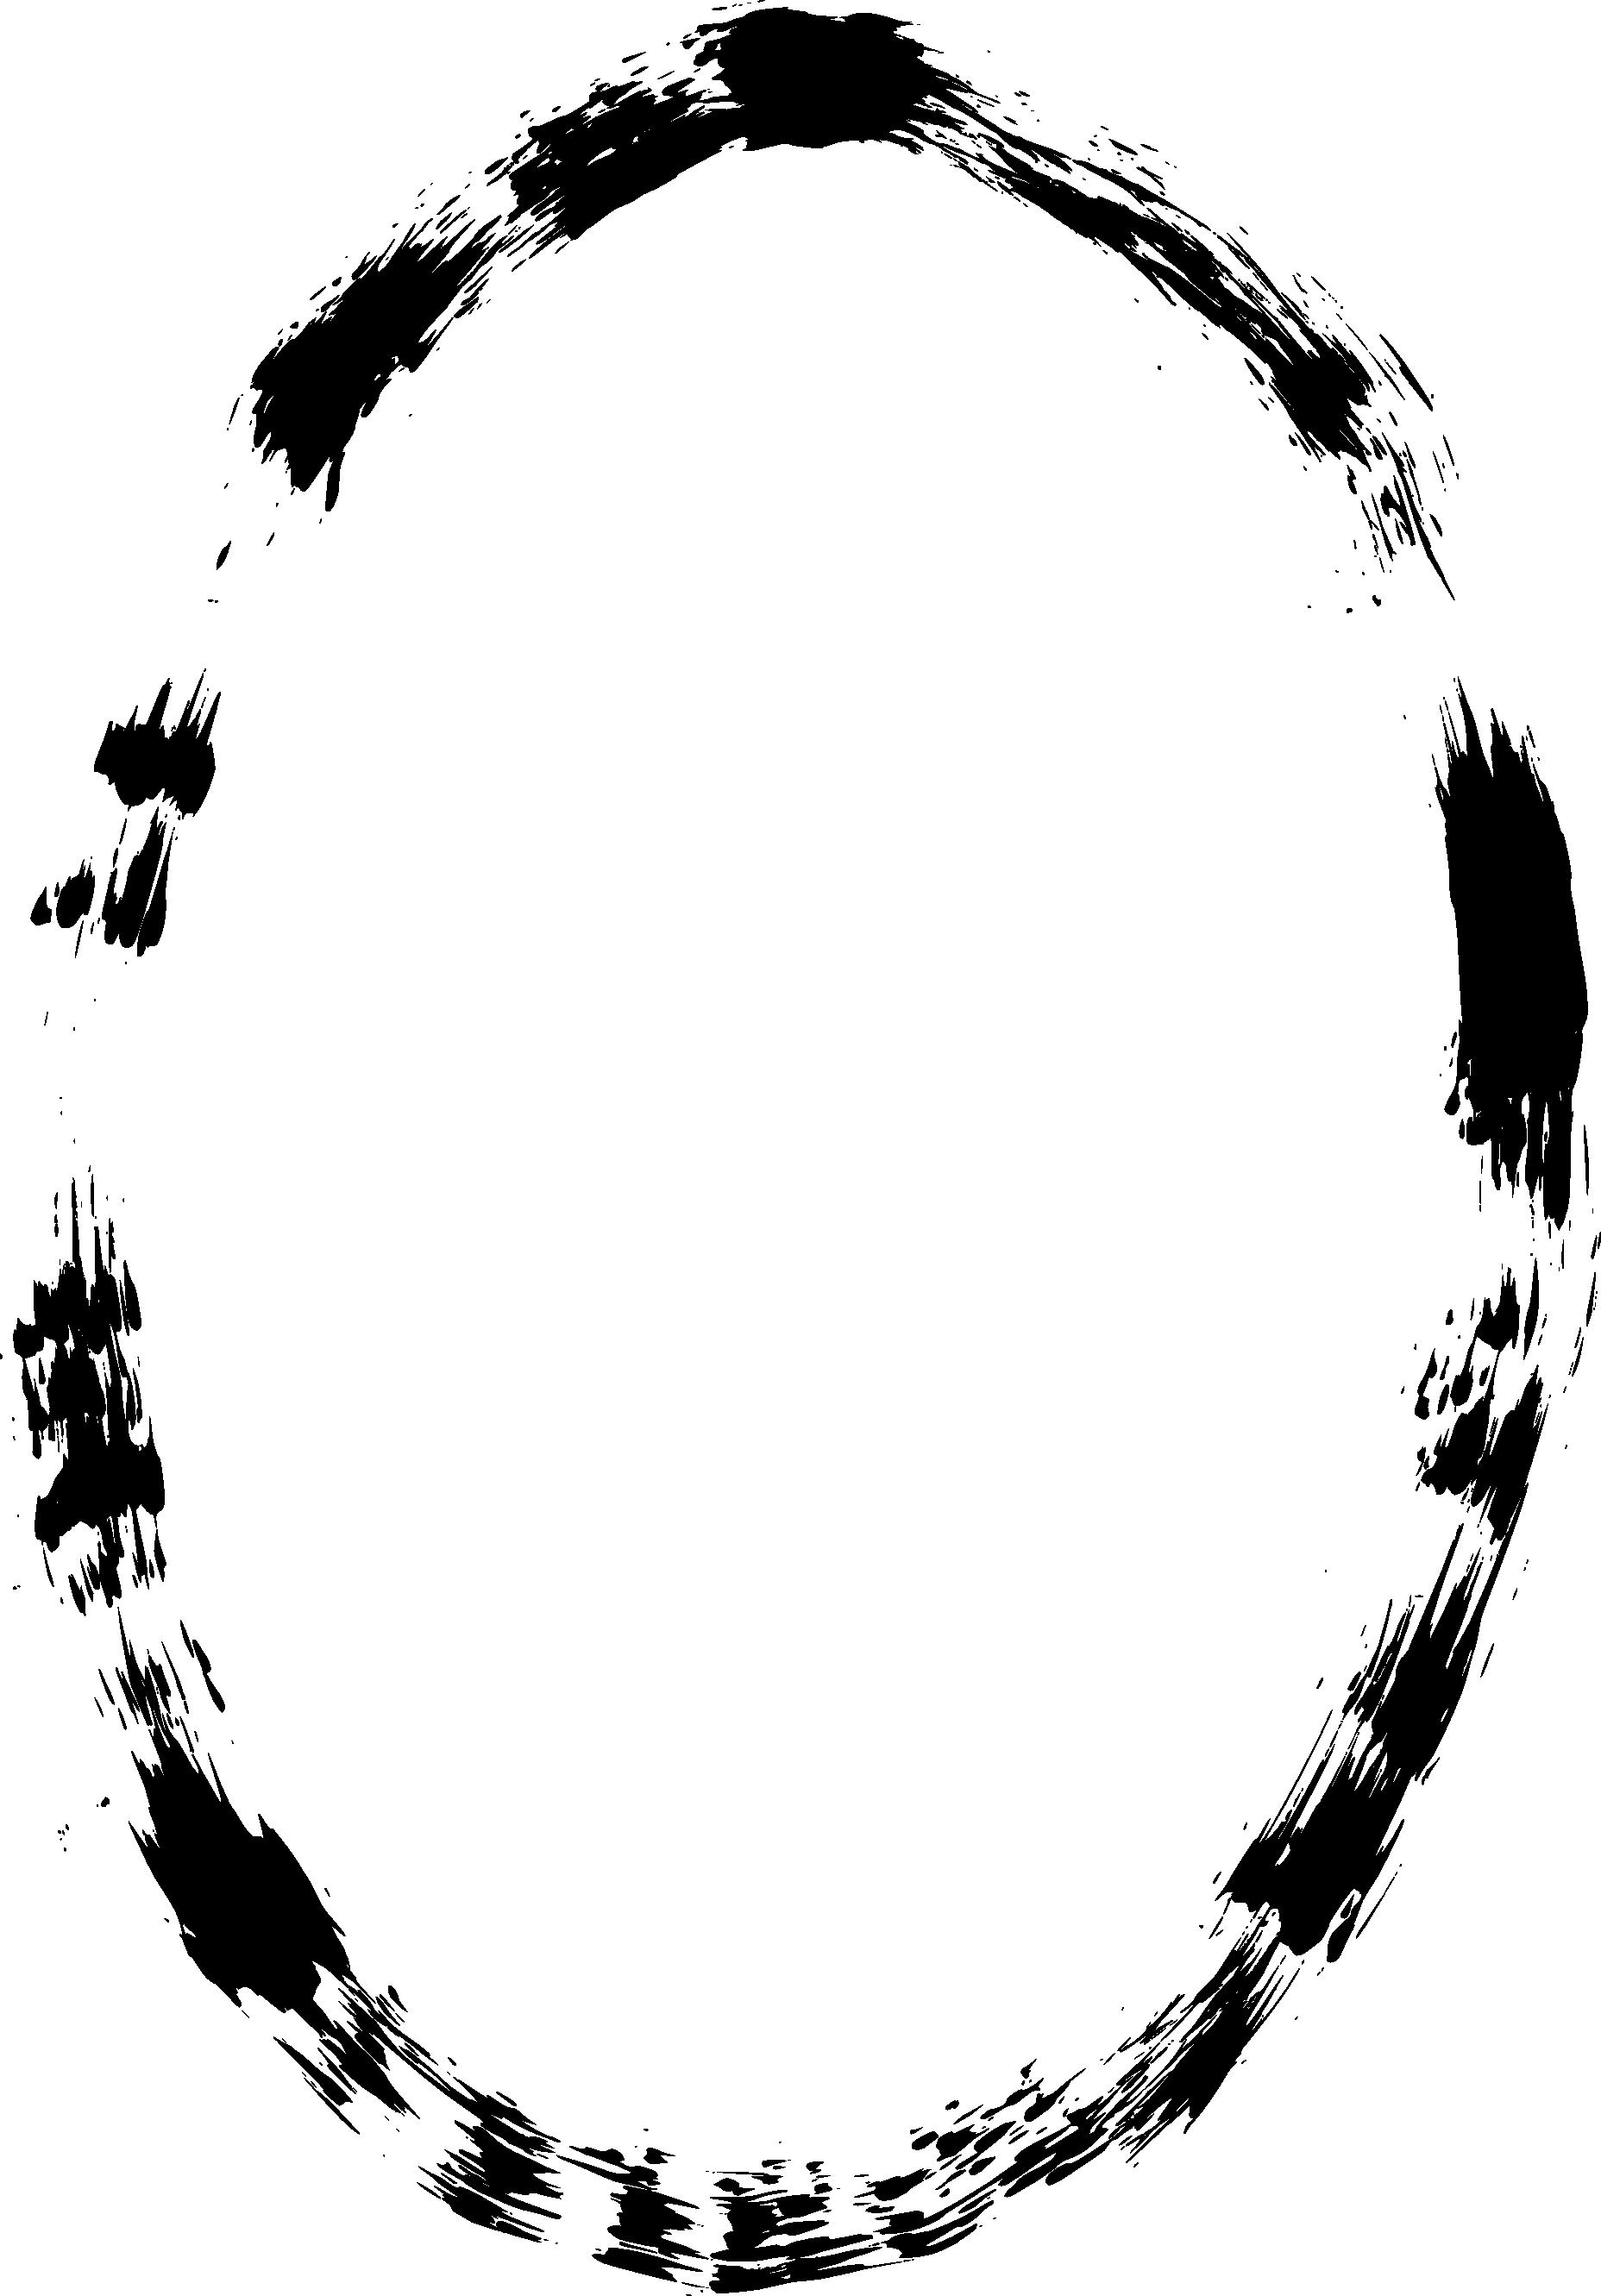 Oval clip art border. Circle clipart boarder